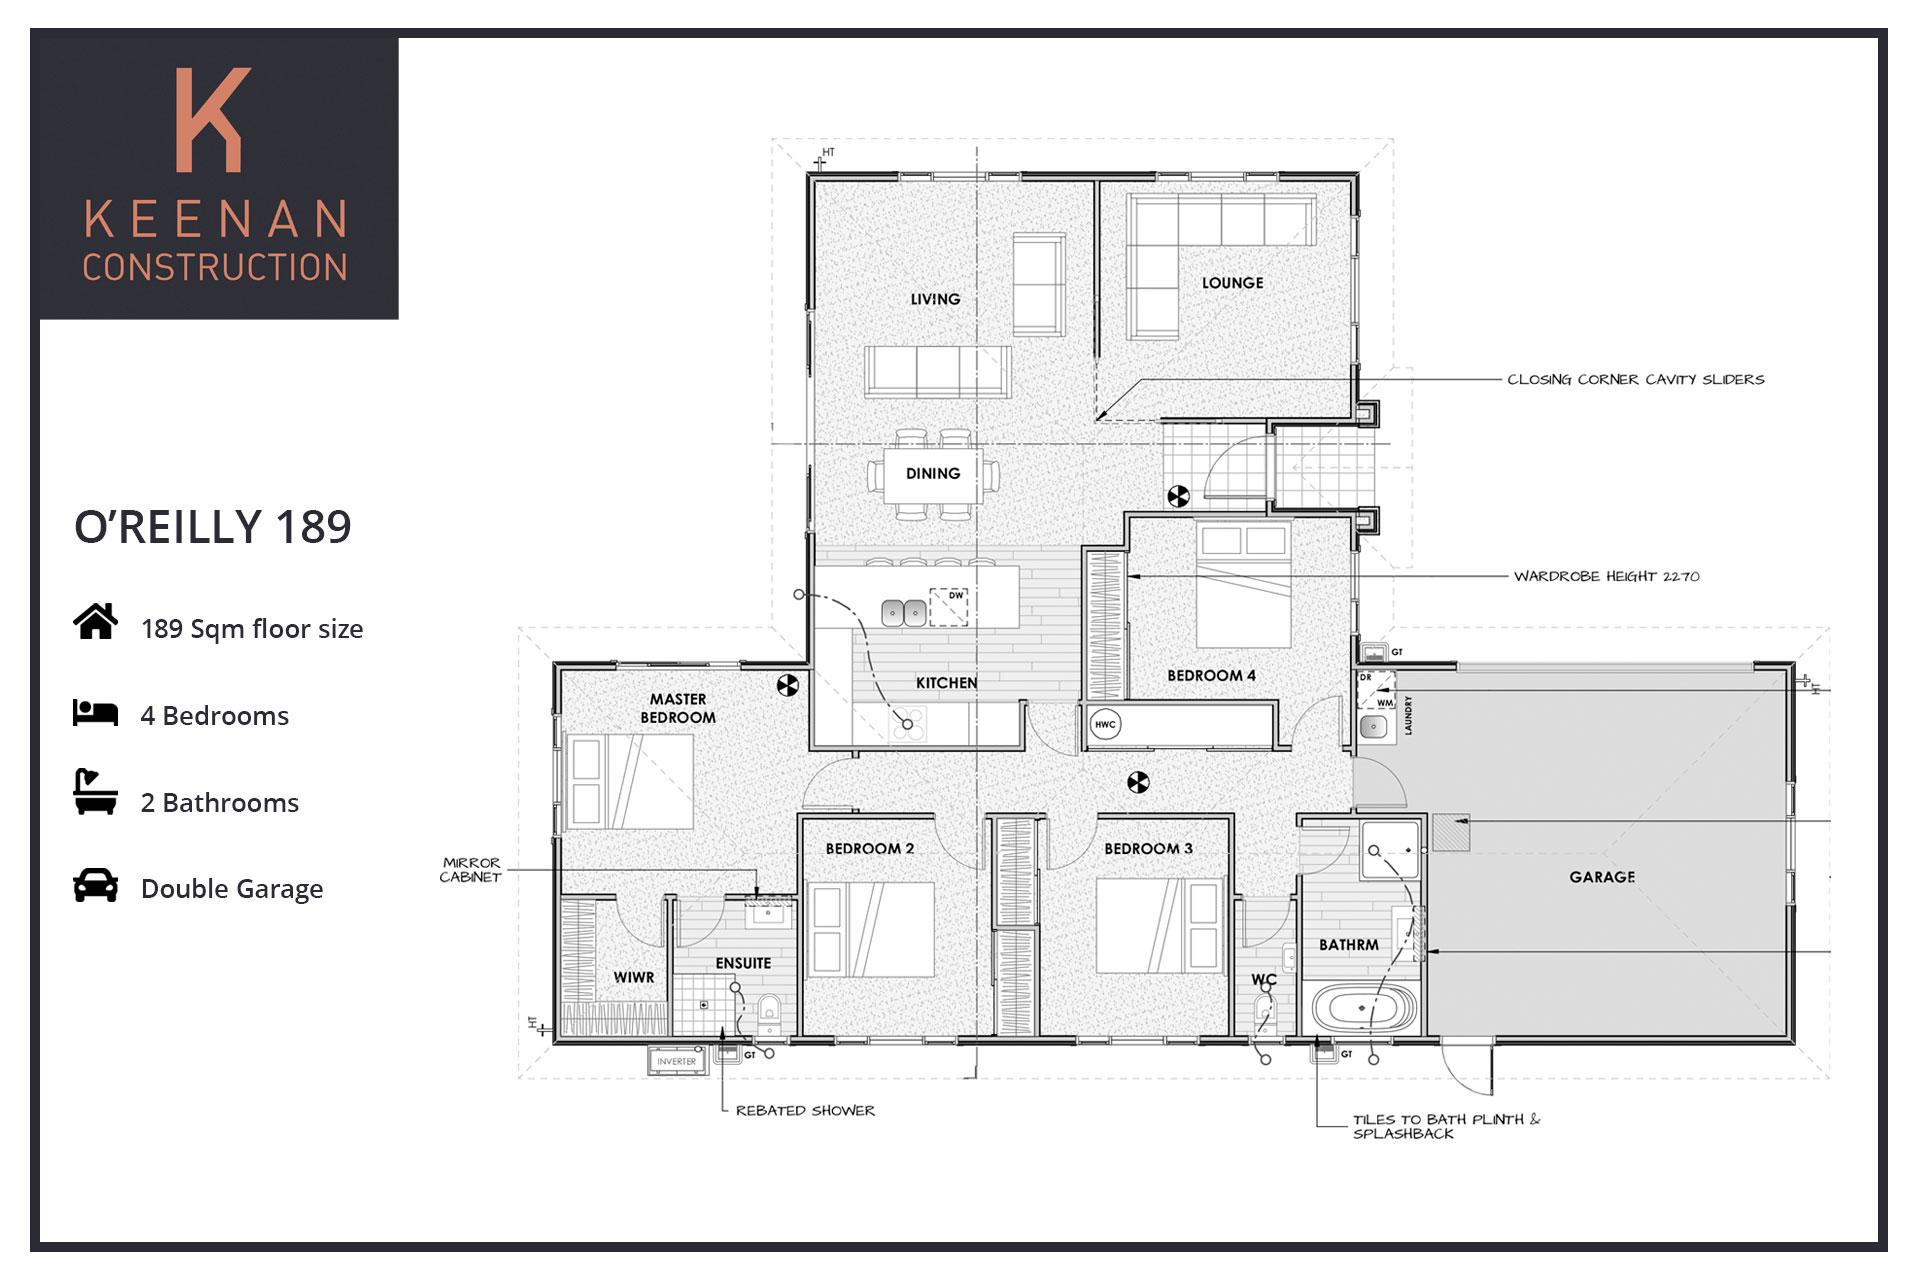 OReilly 189 Floor Plans